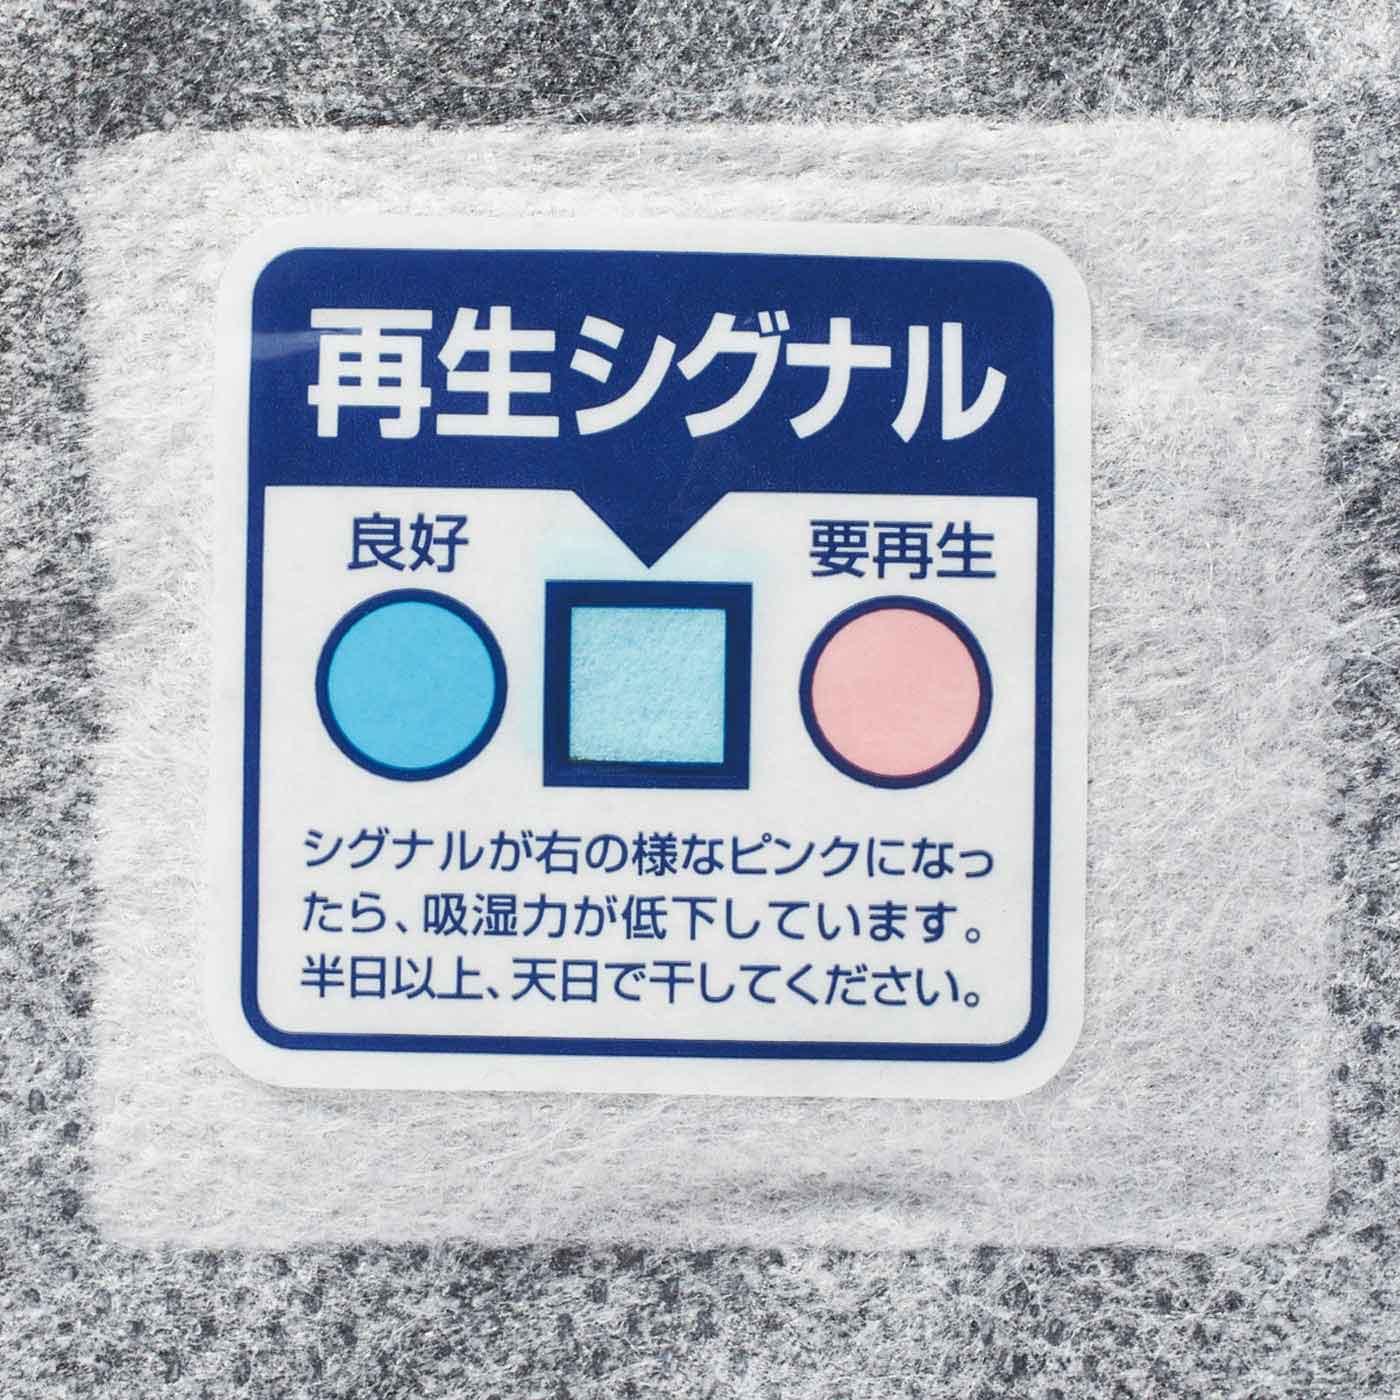 吸湿力が低下したらシグナルでお知らせ。半日以上、天日干しすると吸湿力が再生します。